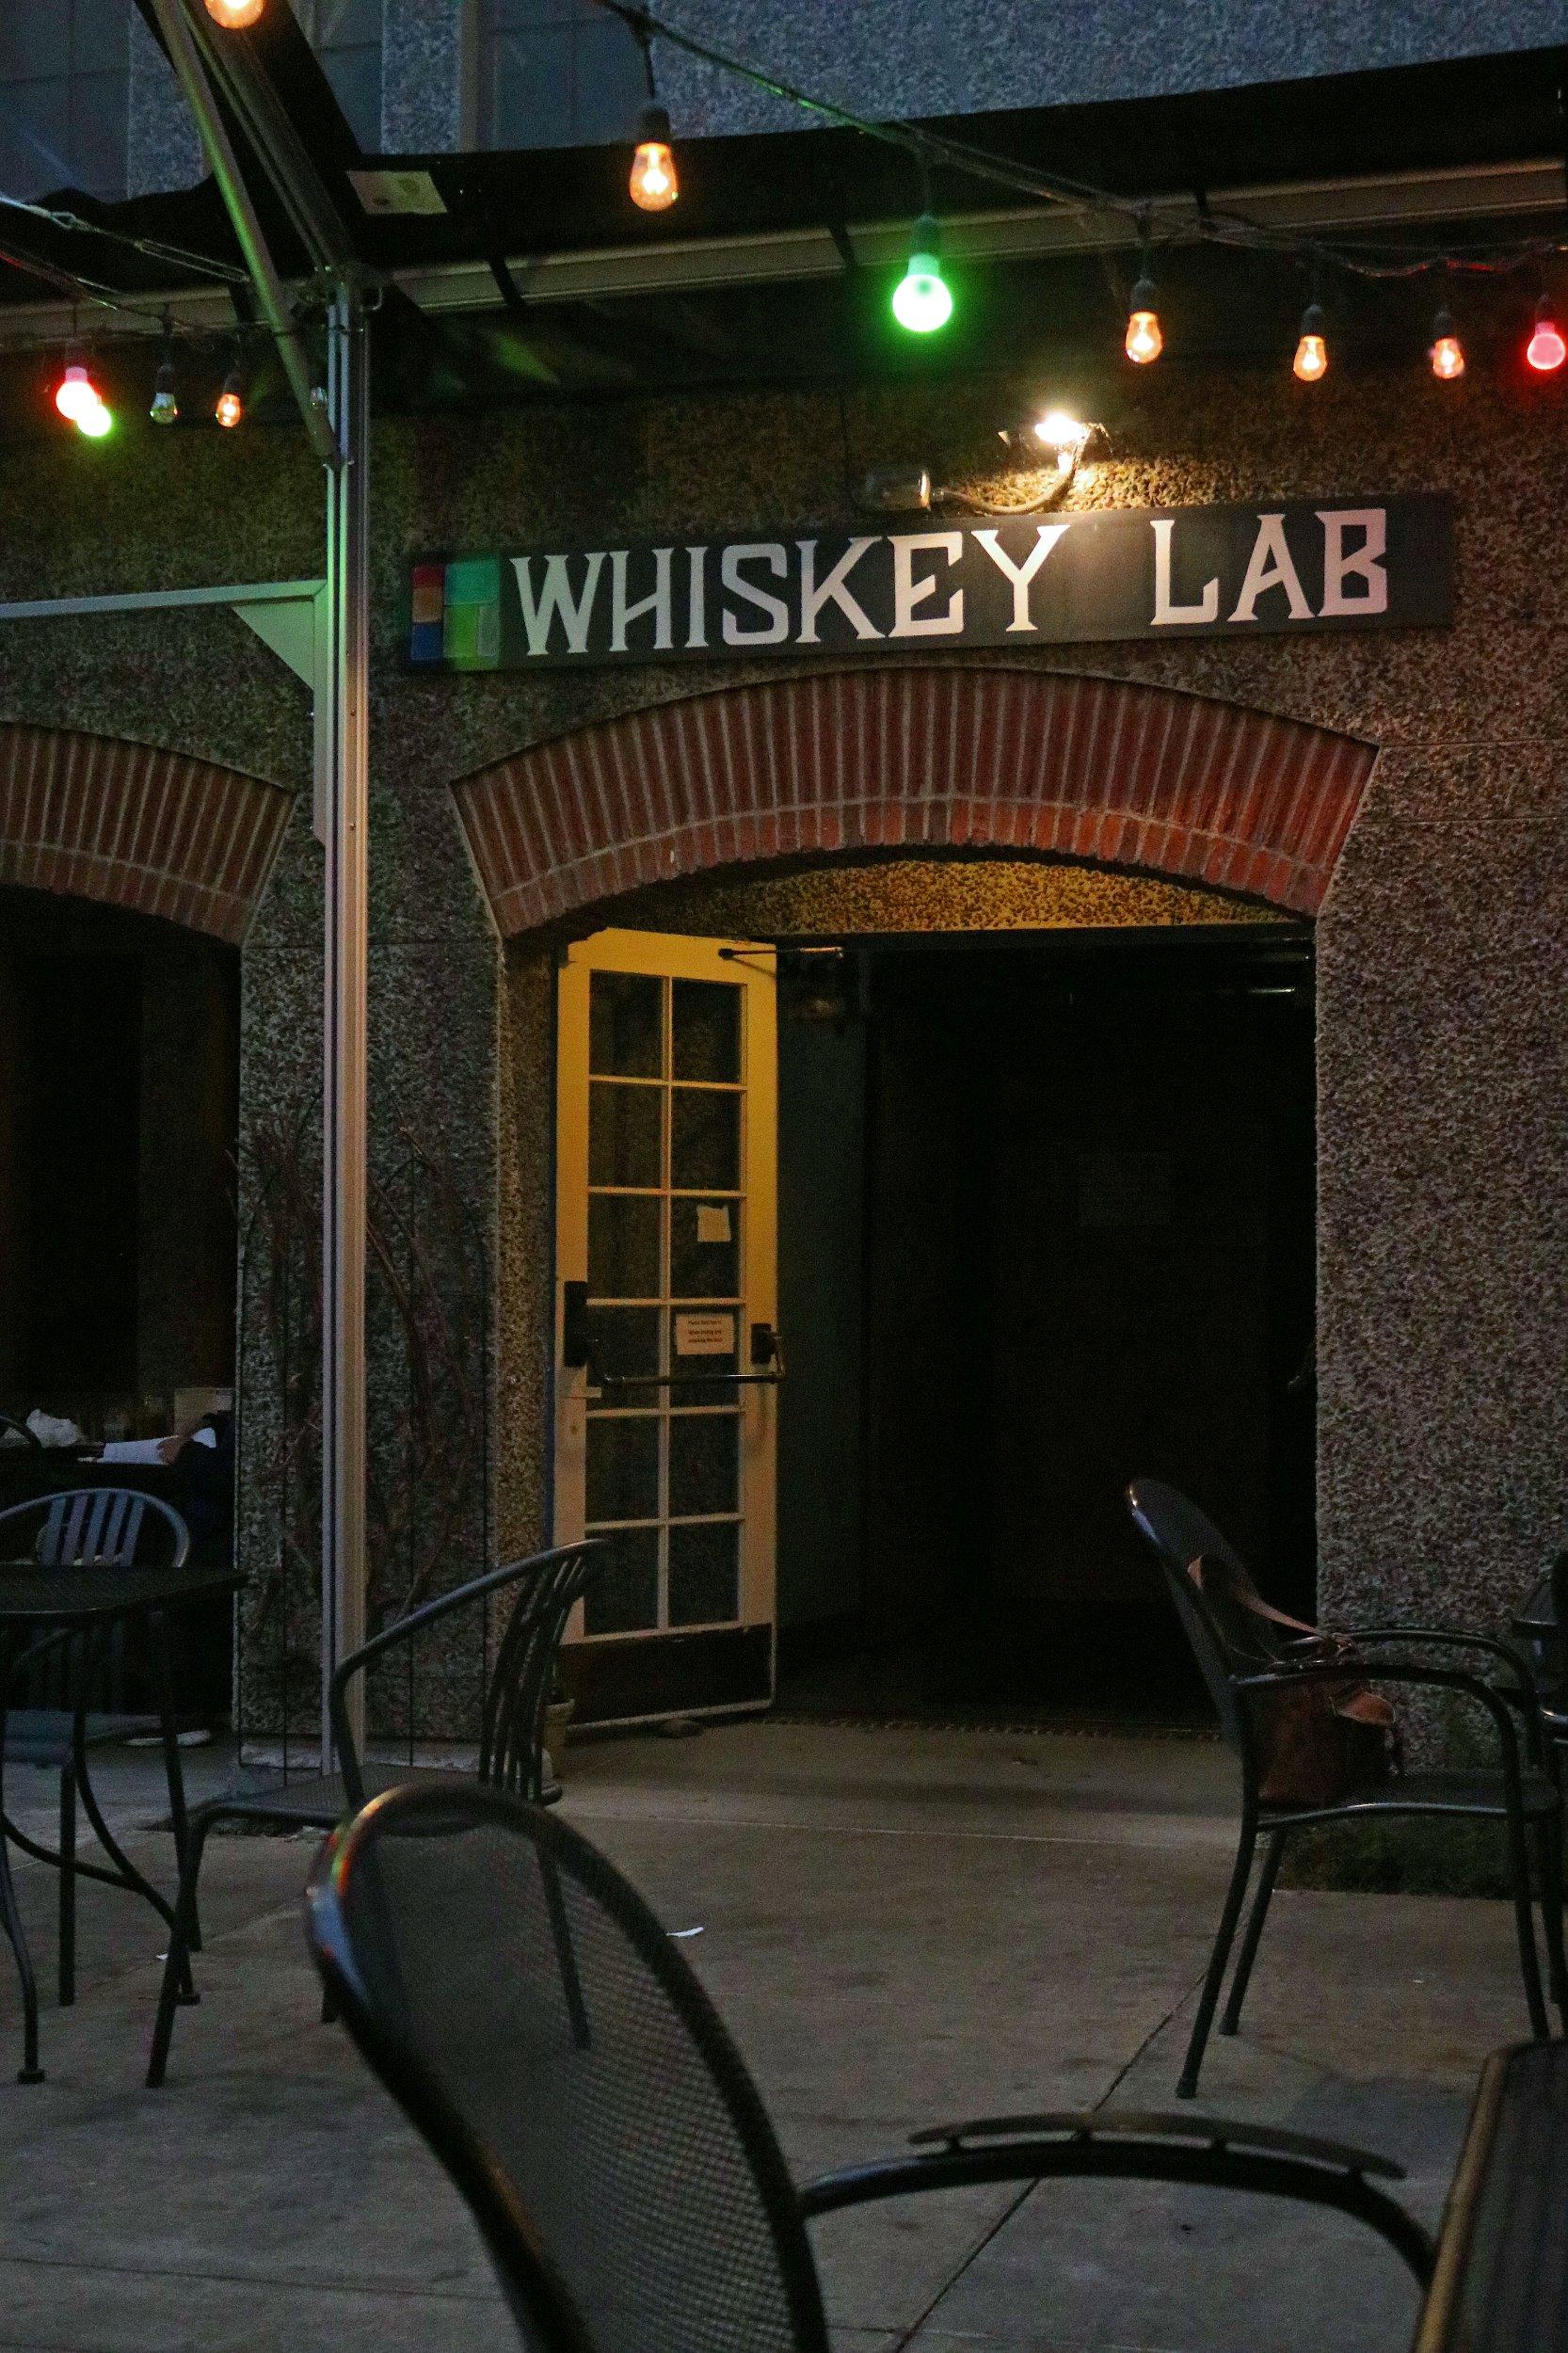 whiskeylab1finish.jpg